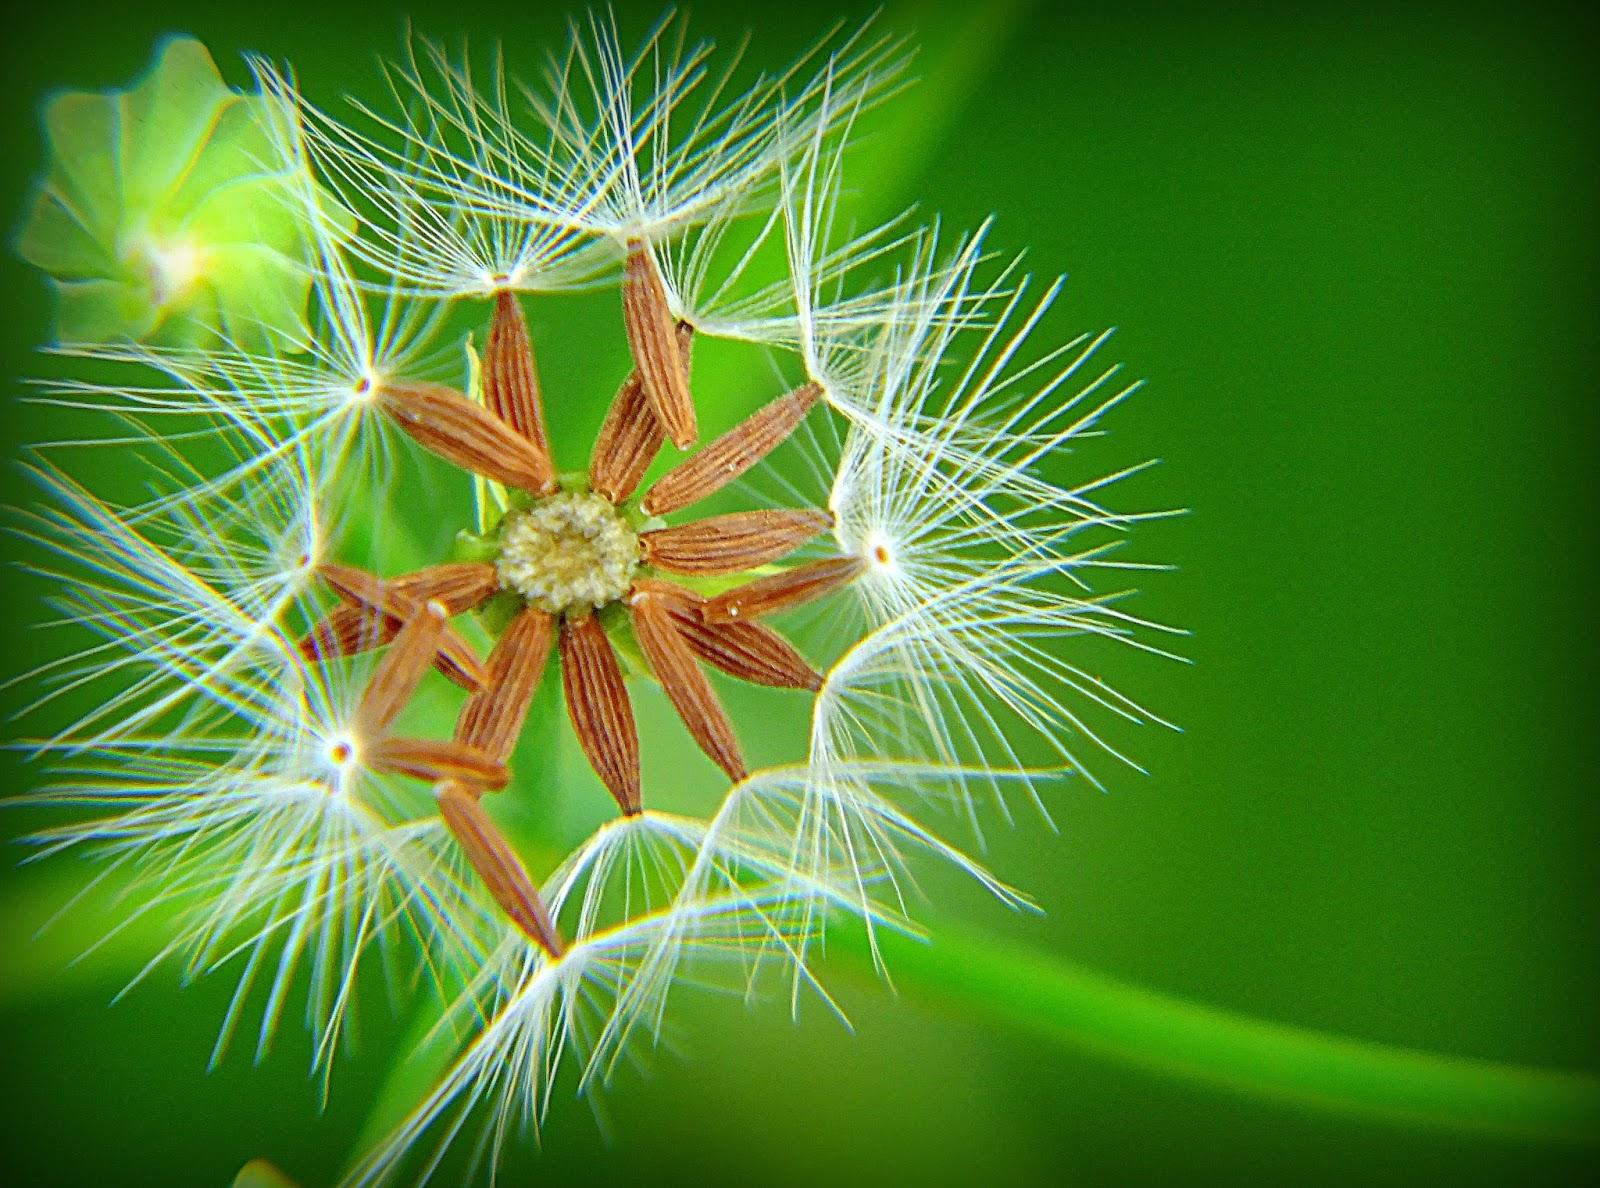 http://aprendendocomasimagens.blogspot.com/2013/08/imponencia-e-simplicidade.html A imponência e a simplicidade juntas. Umas de tão belas; nos passa desapercebido a tua simplicidade, outras de  tão simples se tornam imponentes sem perceber. Umas enfeitam, outras alimentam. Assim é a natureza. Imponente e simples! Mais linda se torna pois em nenhum momento vem nos agredir.  Autoria: Cleiton de Carvalho